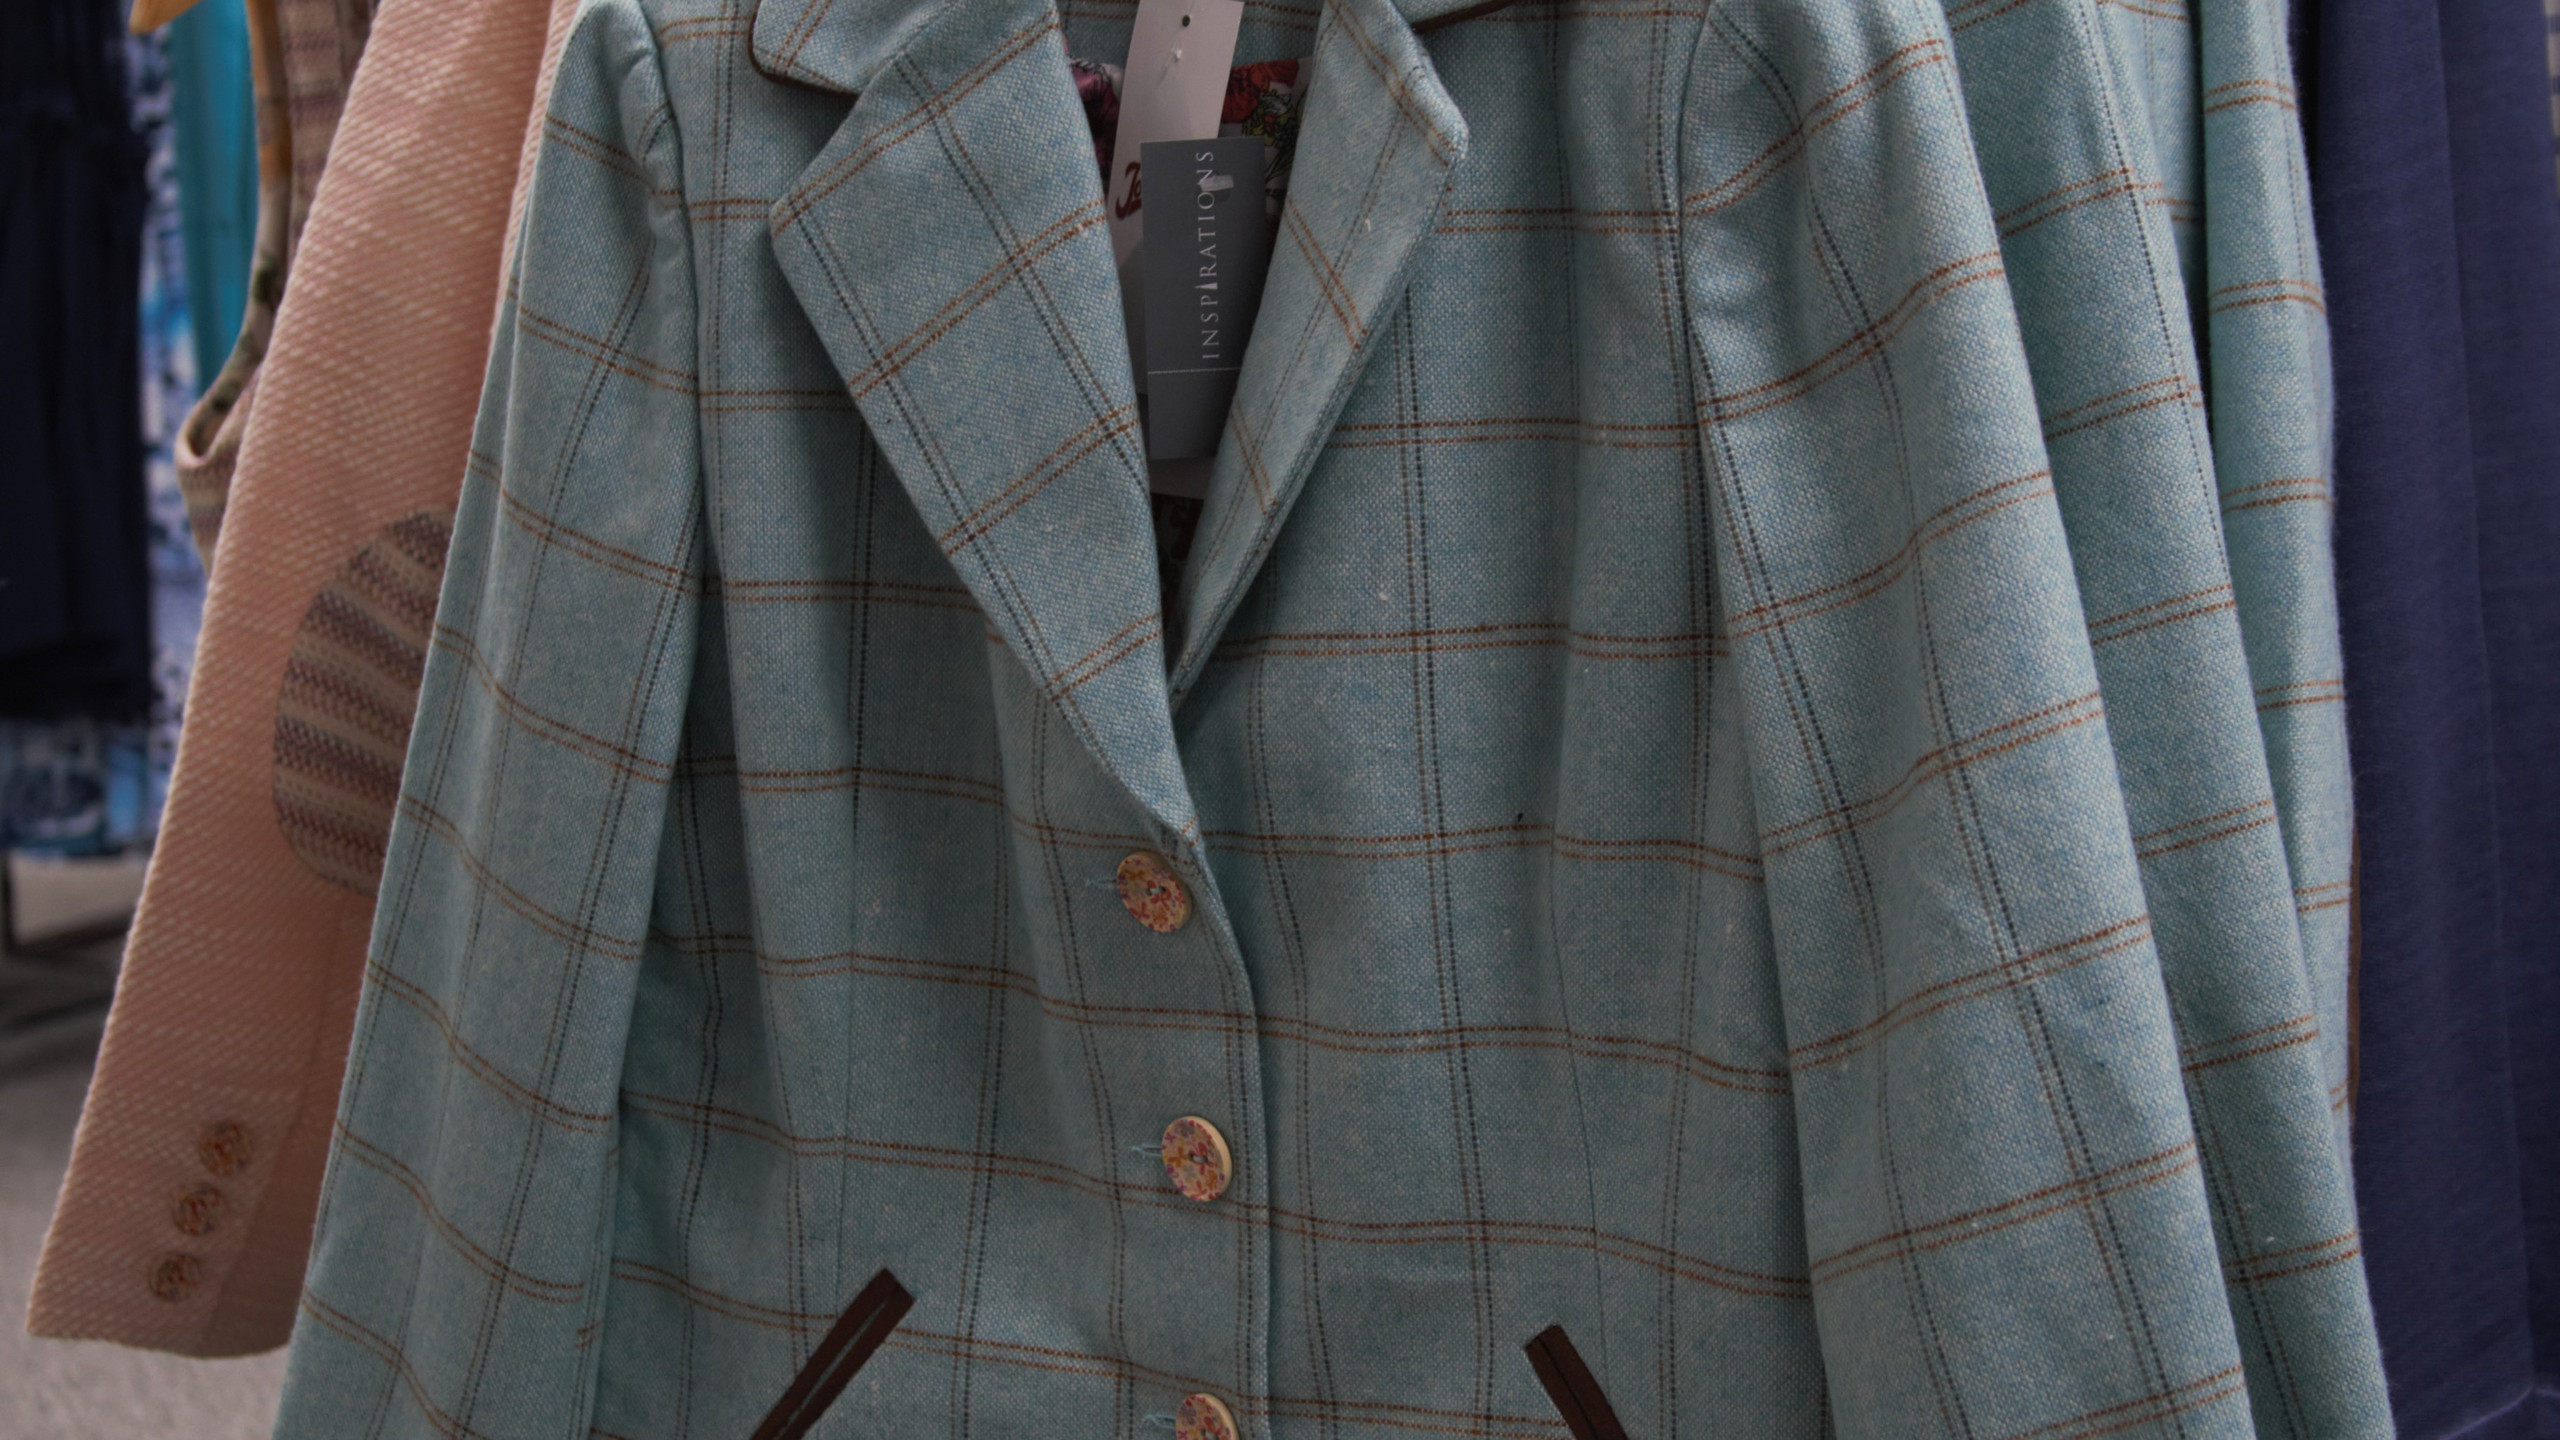 Duck egg blue jacket